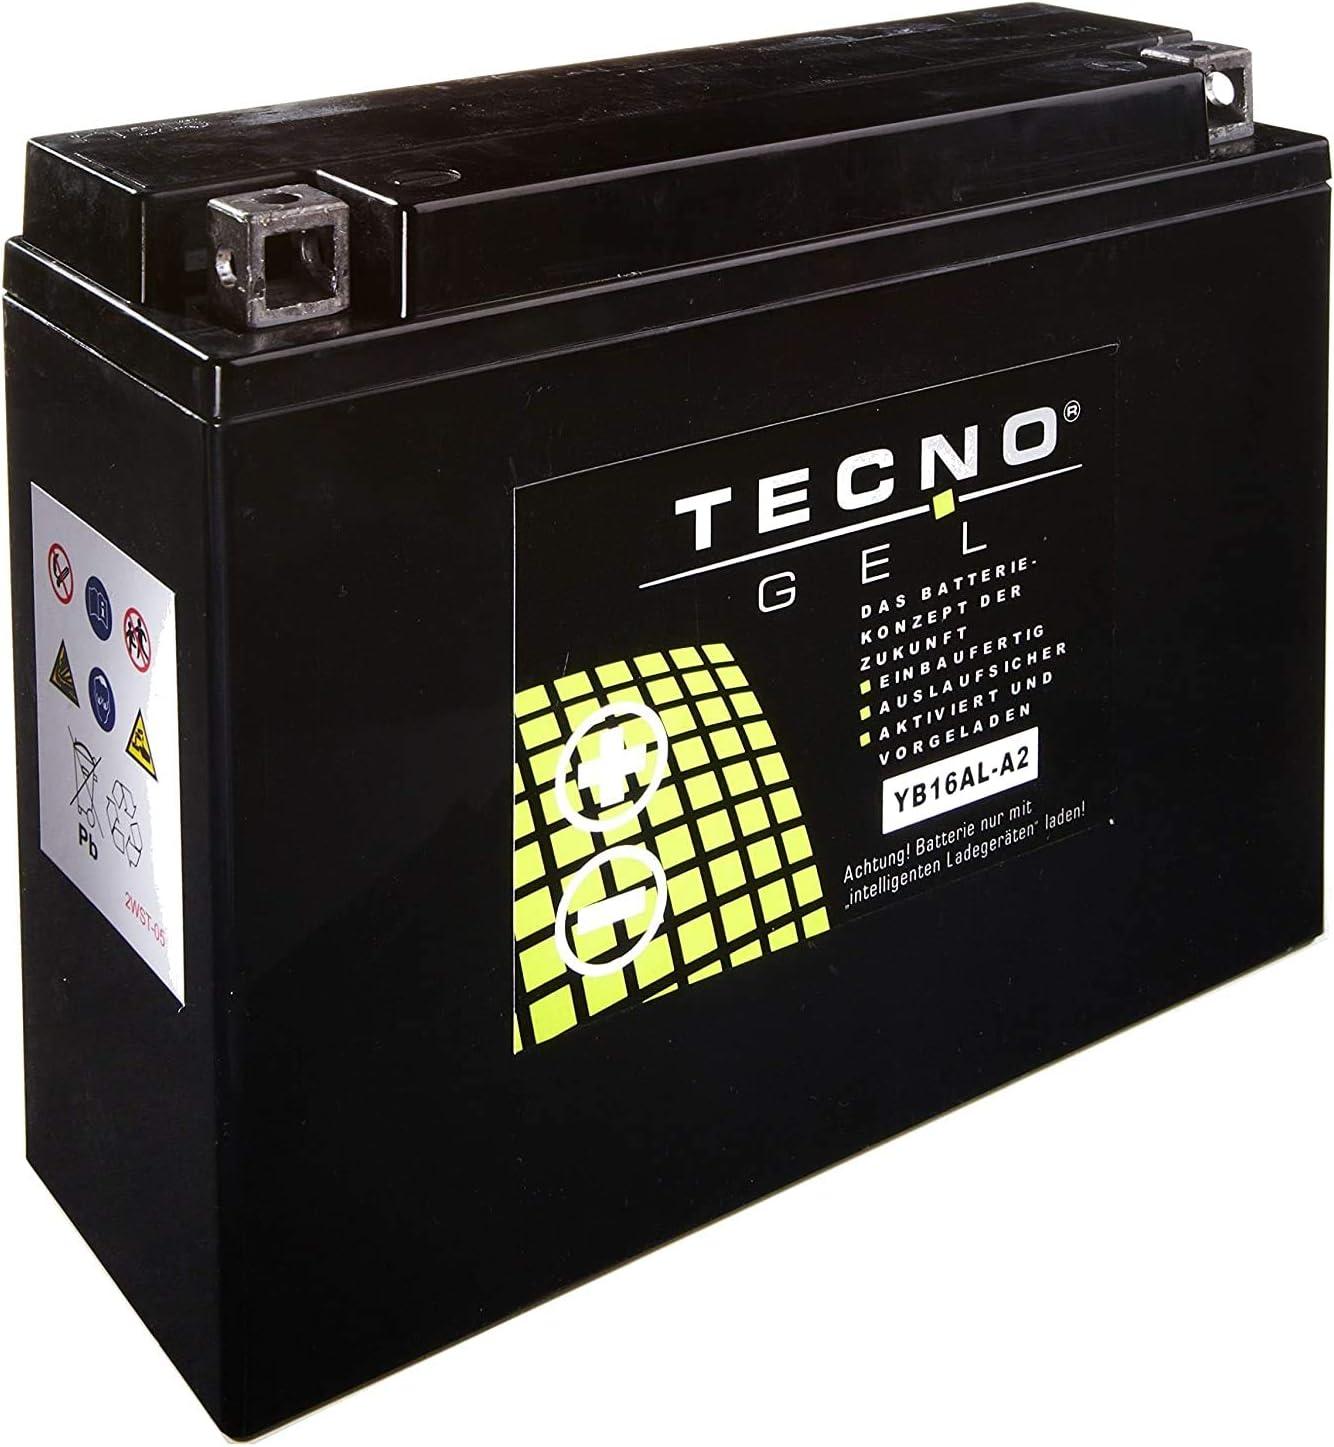 YB16AL-A2 Tecno Gel-bateria para VMX-12 1200 D Vmax A/ño 1992-1993